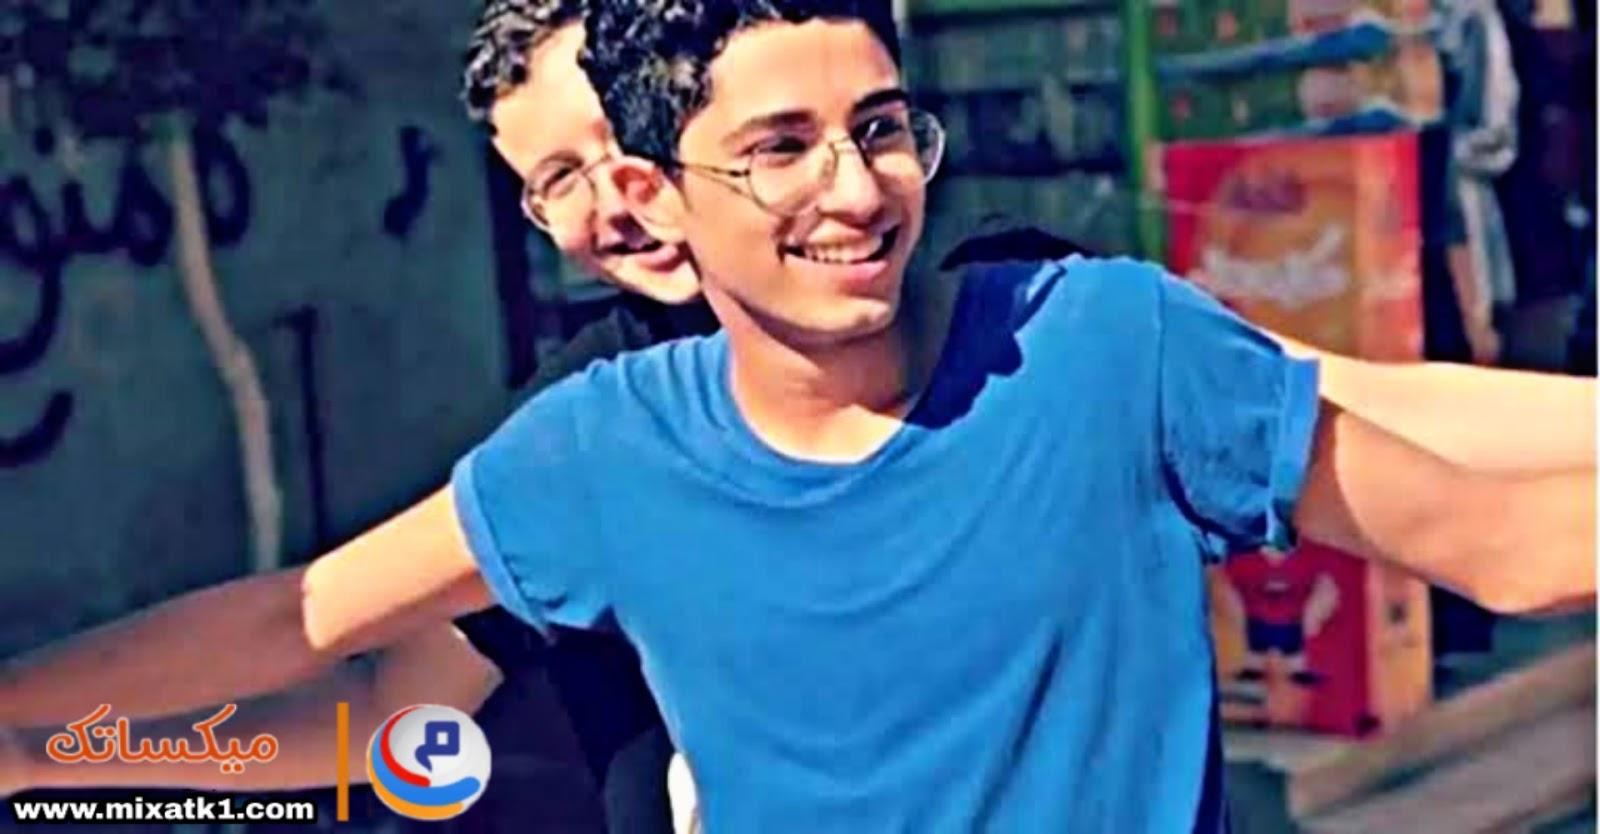 محمود البنا, شهيد الشهامه, راجح قاتل, راجح, قتل محمود البنا, محمد راجح